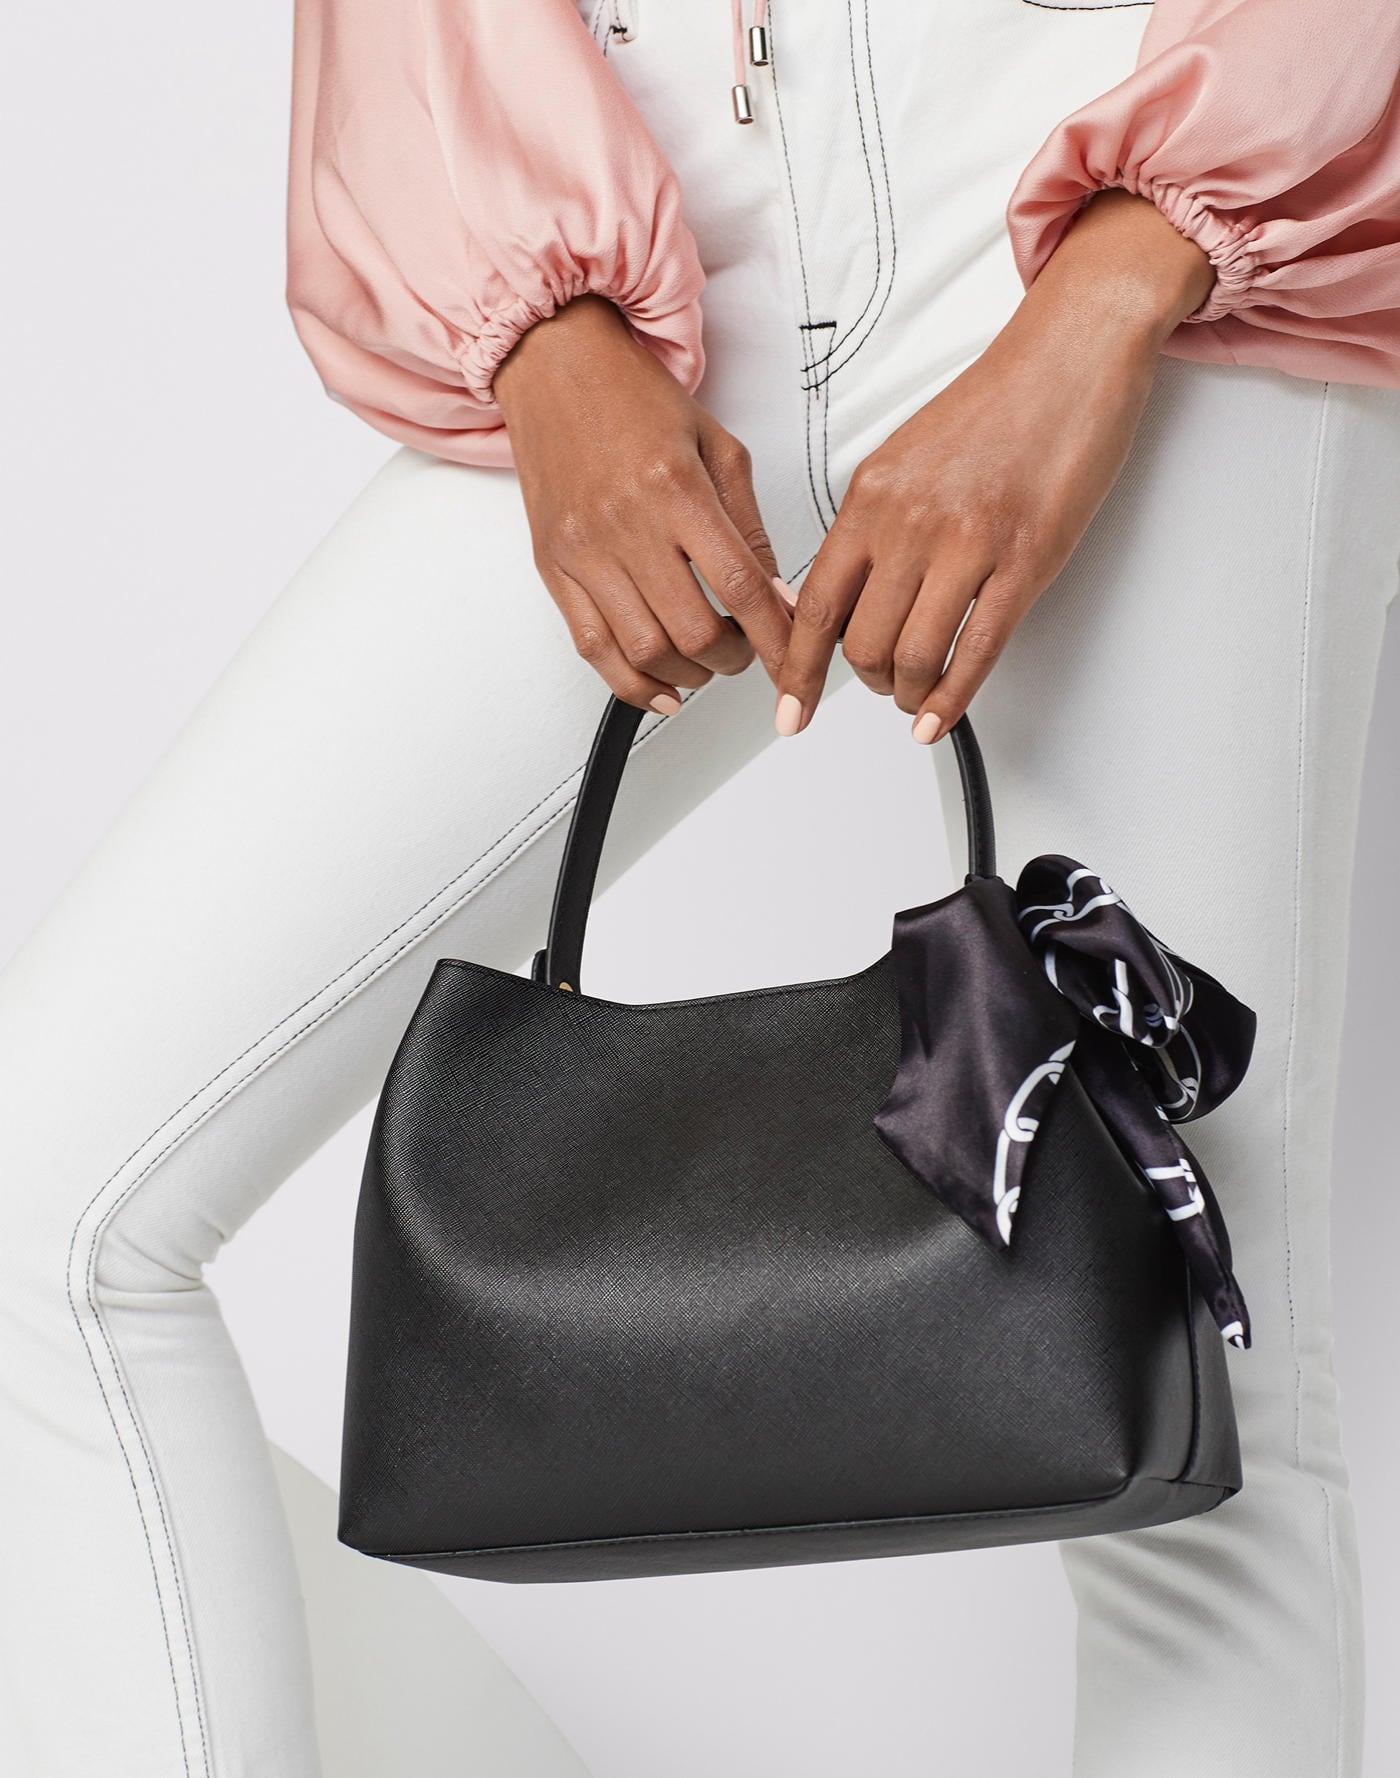 4e0dc43479 Handbags | Aldoshoes.com US